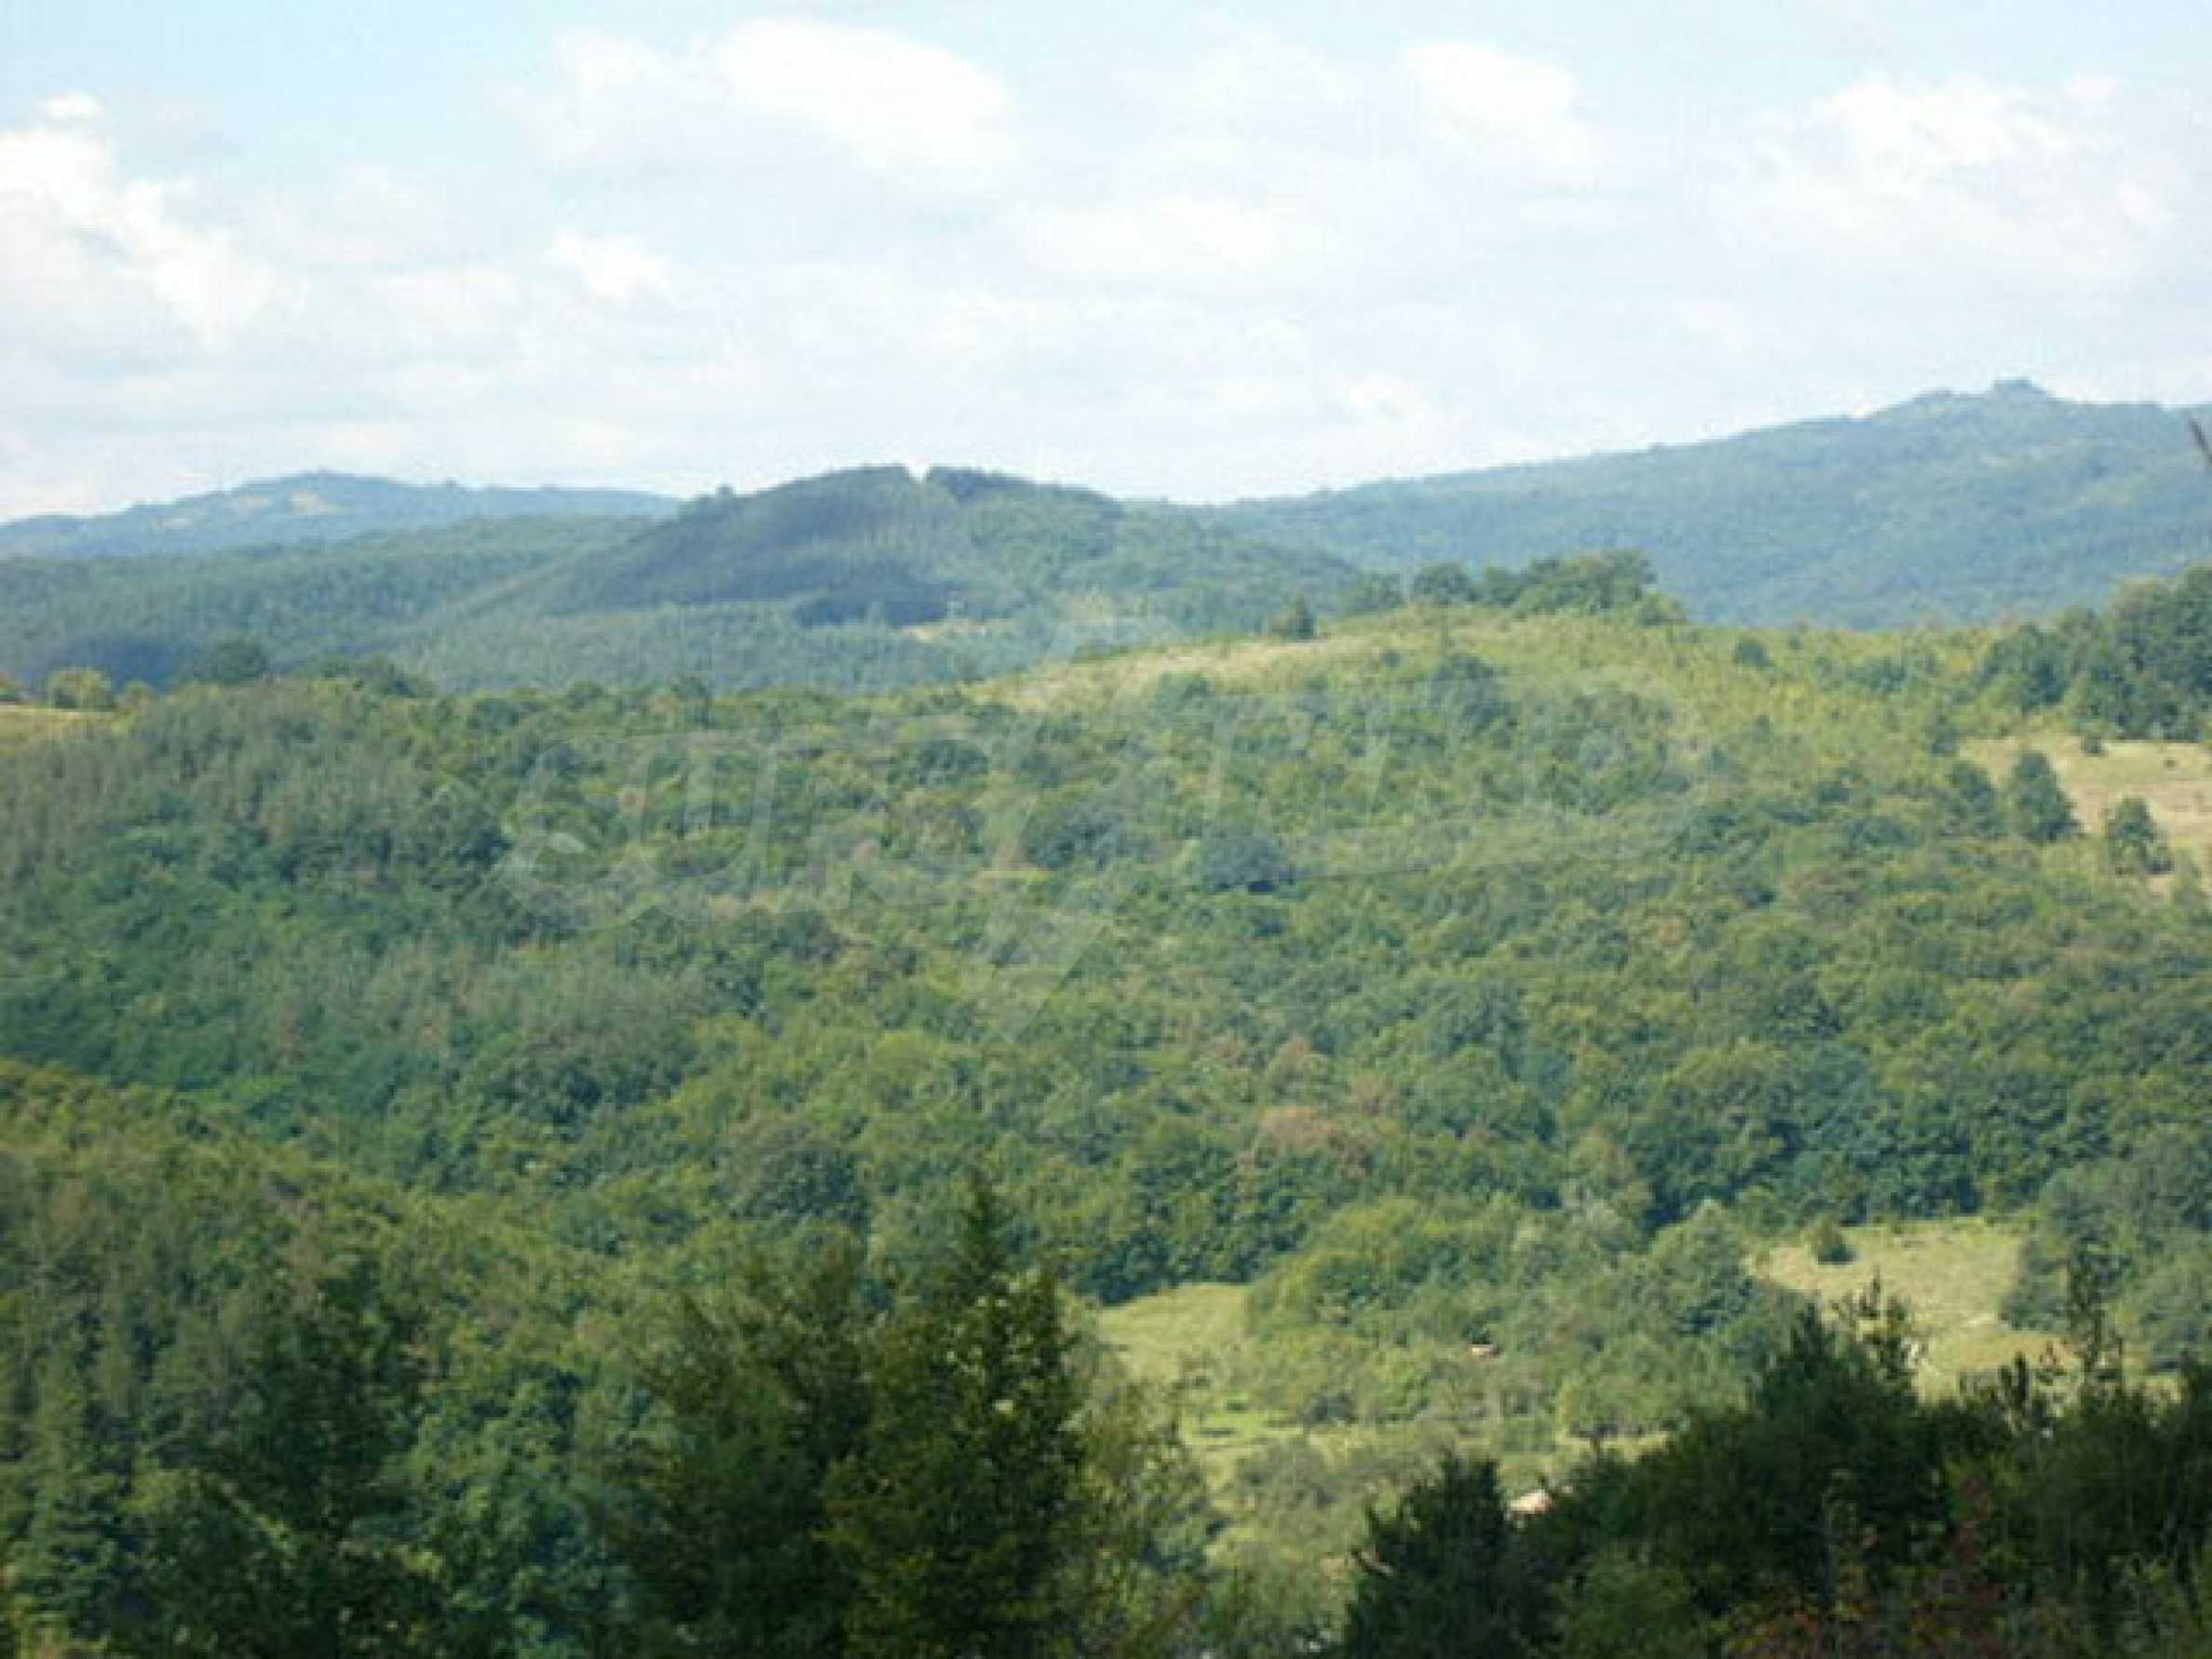 Reguliertes Anwesen in einem Dorf, das mit seinen Mineralquellen beliebt ist 3